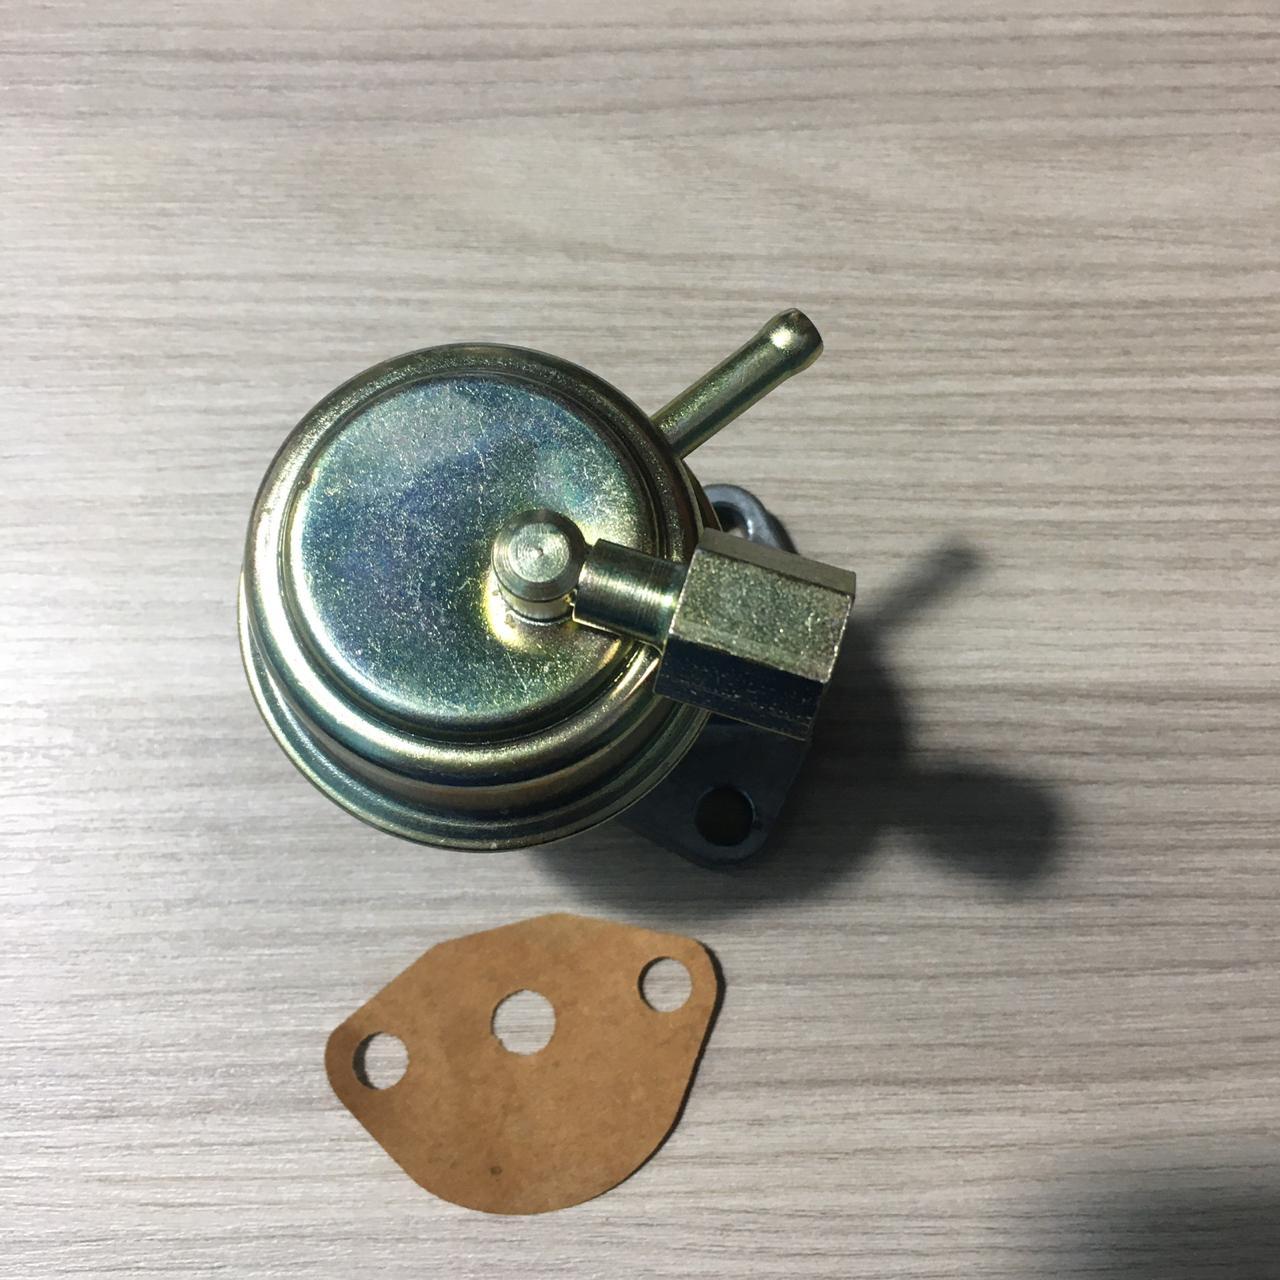 Bomba de Combustivel Kombi 1500 ate 75 c/conexão - Mecano